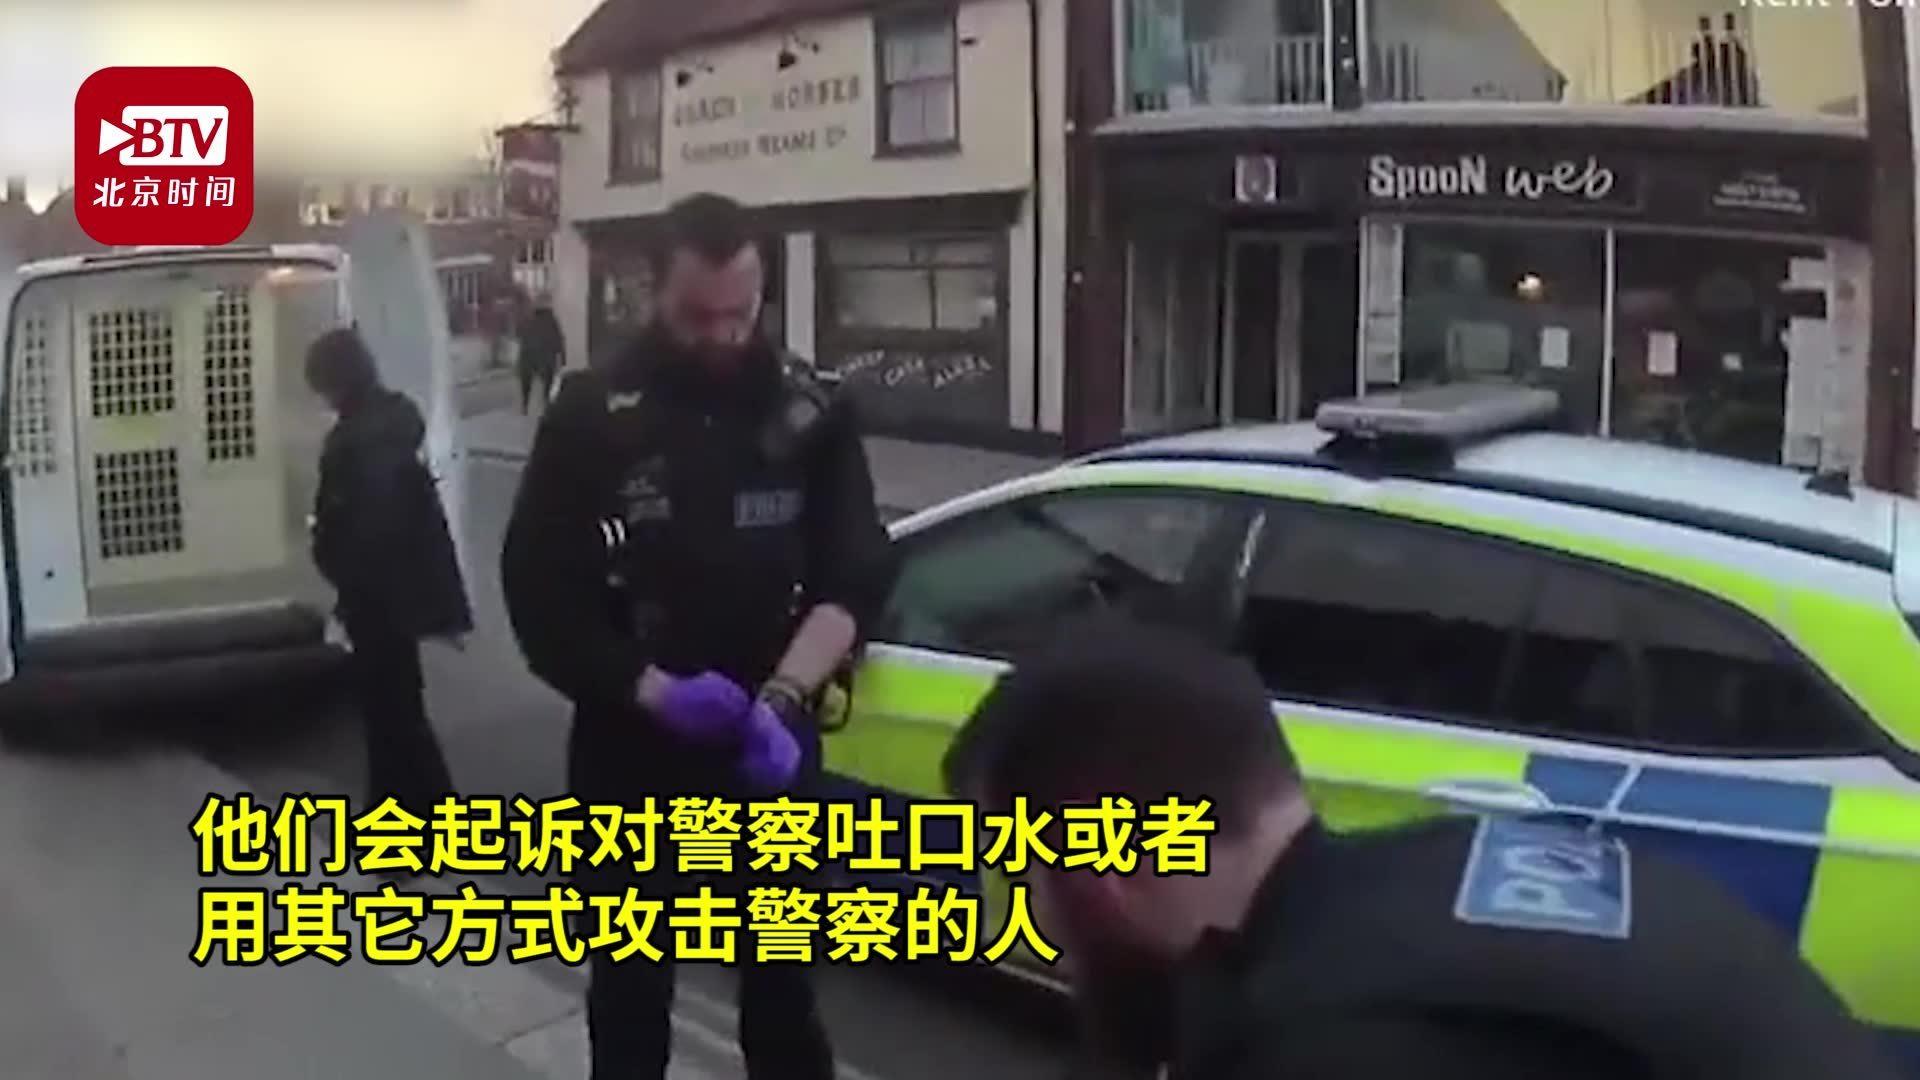 男子偷肉被捕后笑着往警察身上吐口水  结果被套塑料袋带走